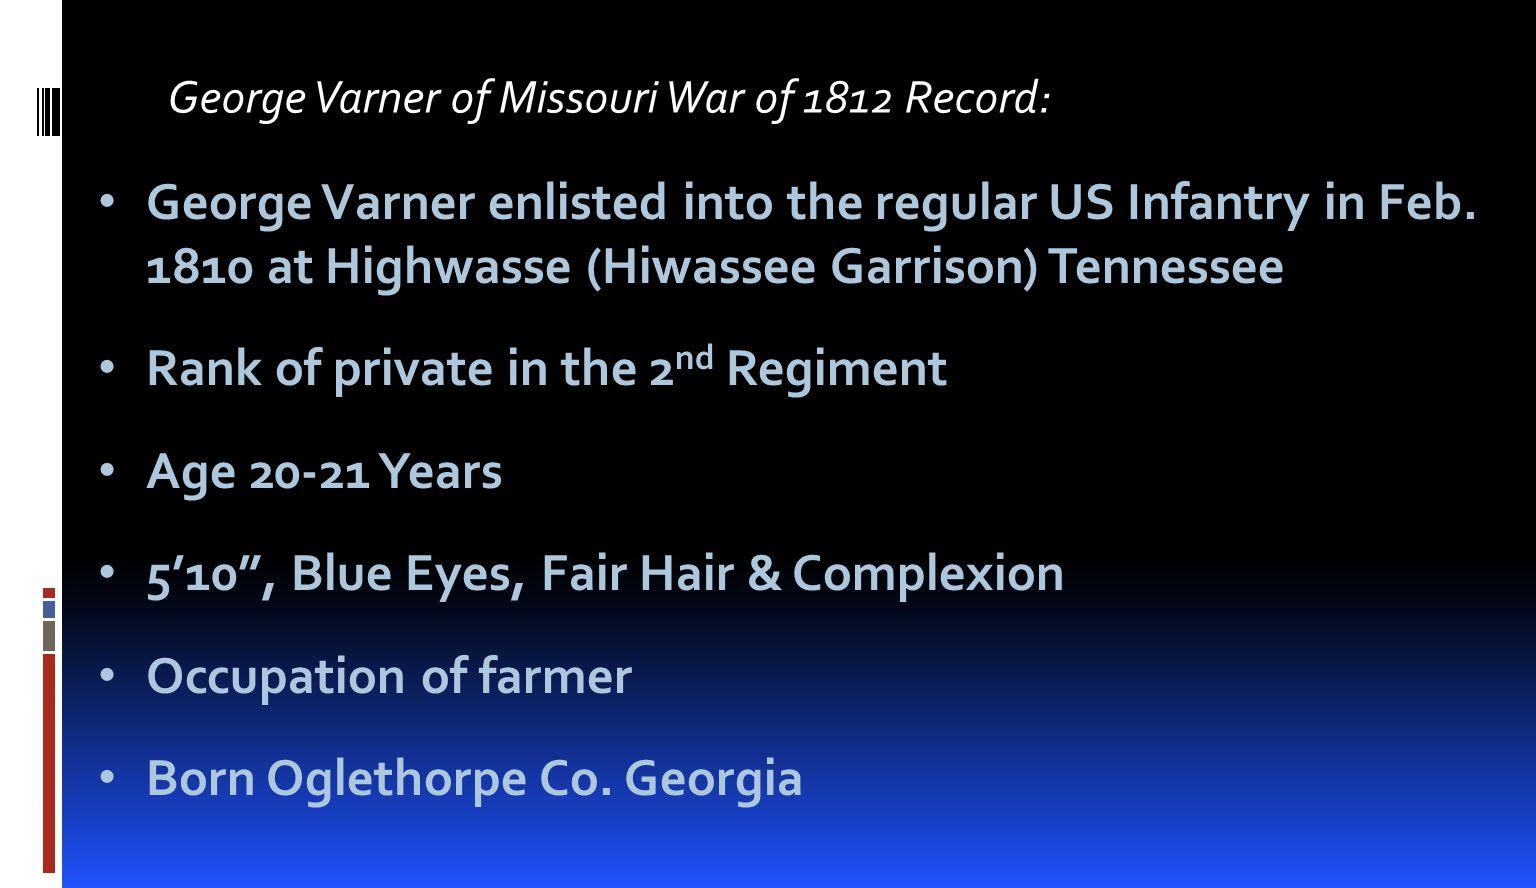 George Varner of Missouri War of 1812 Record: George Varner enlisted into the regular US Infantry in Feb. 1810 at Highwasse (Hiwassee Garrison) Tennes